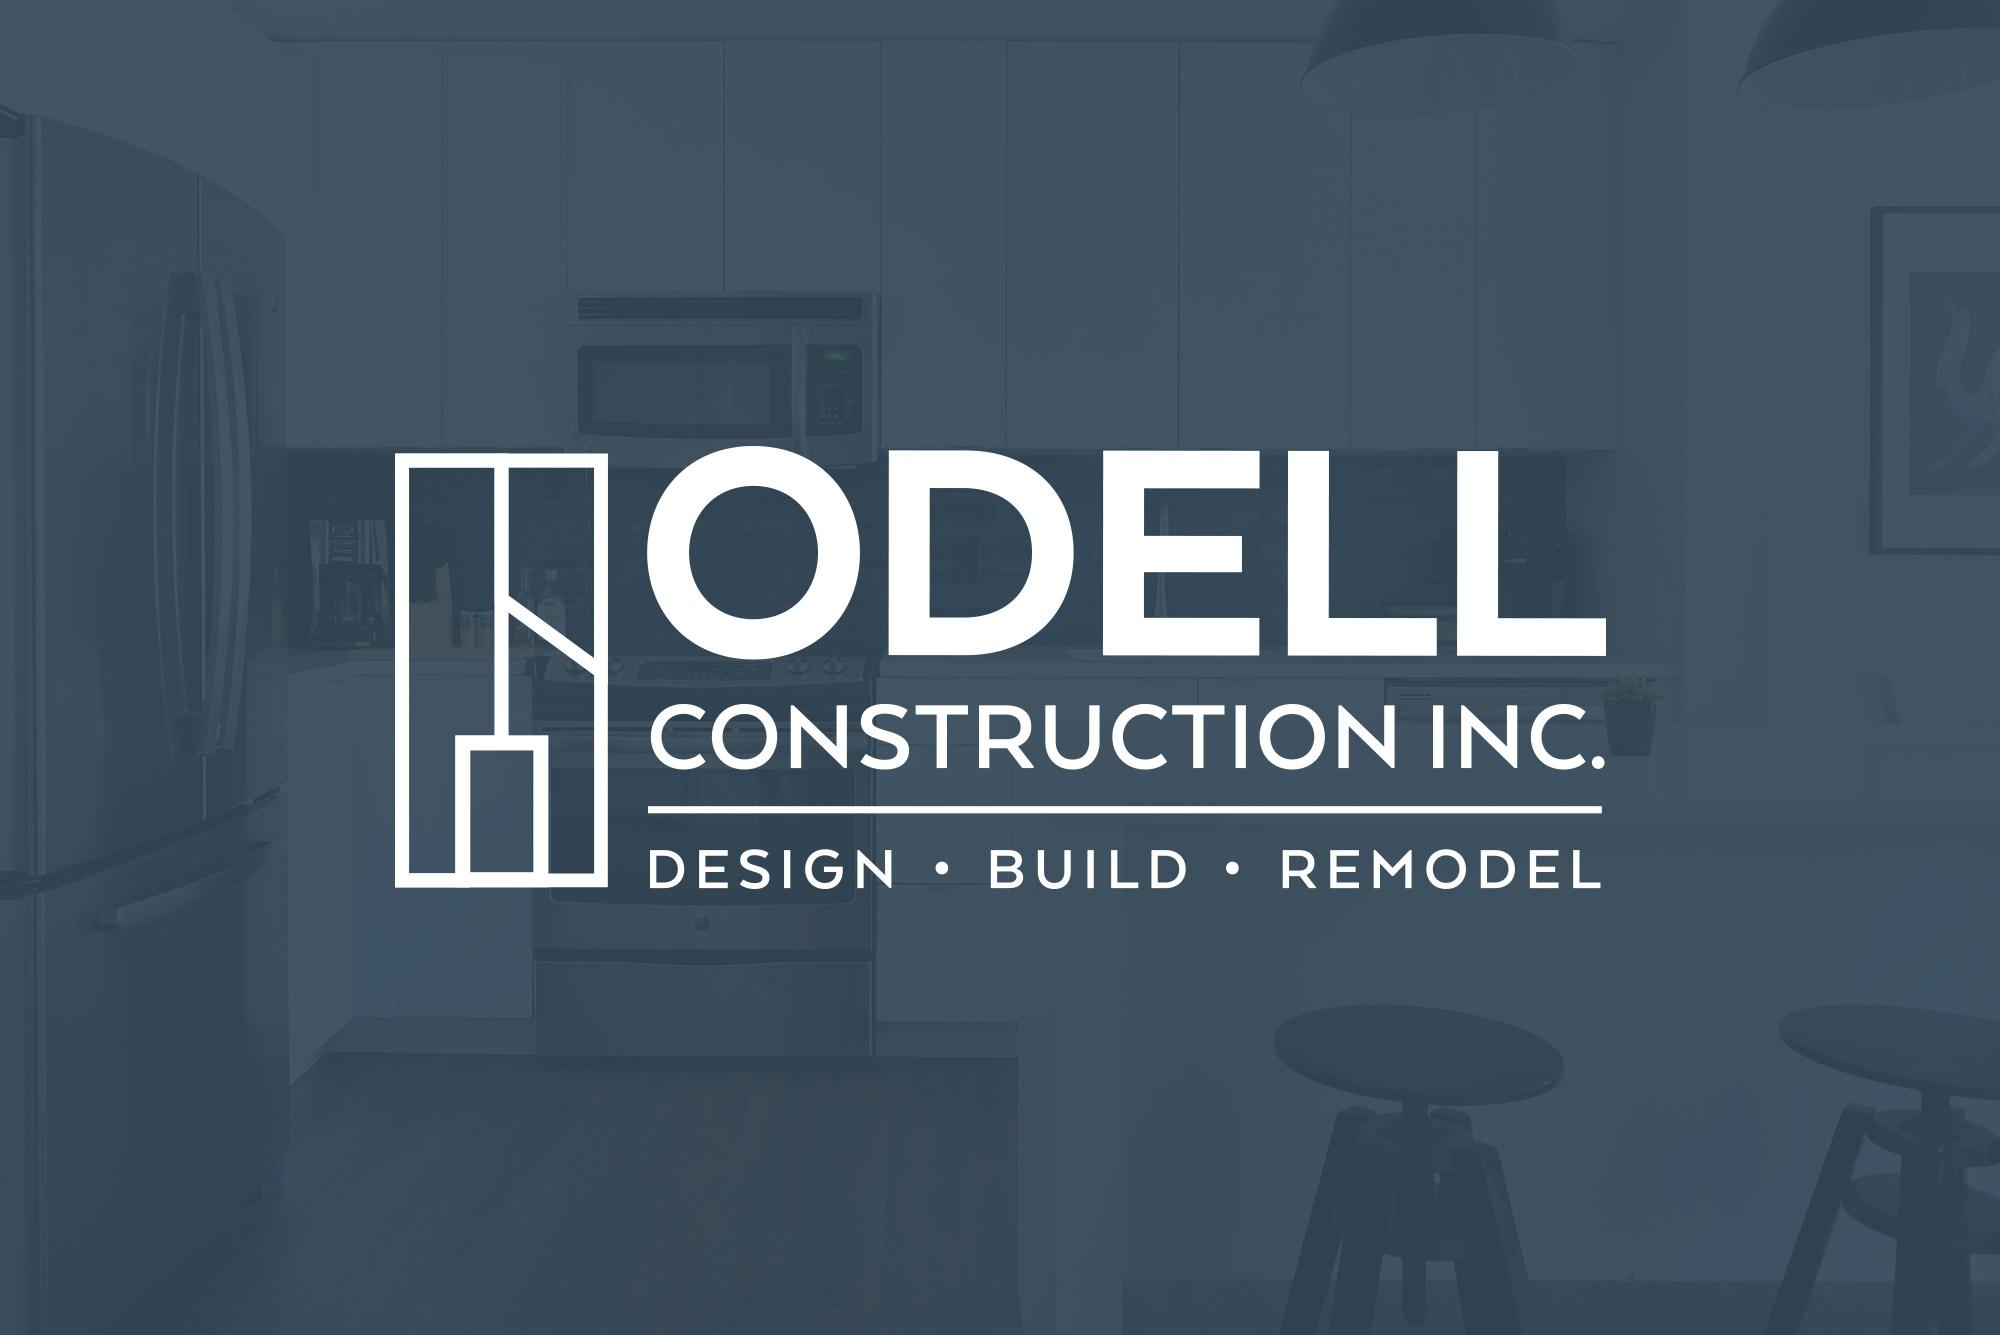 osm_thumb_odell_logo.jpg